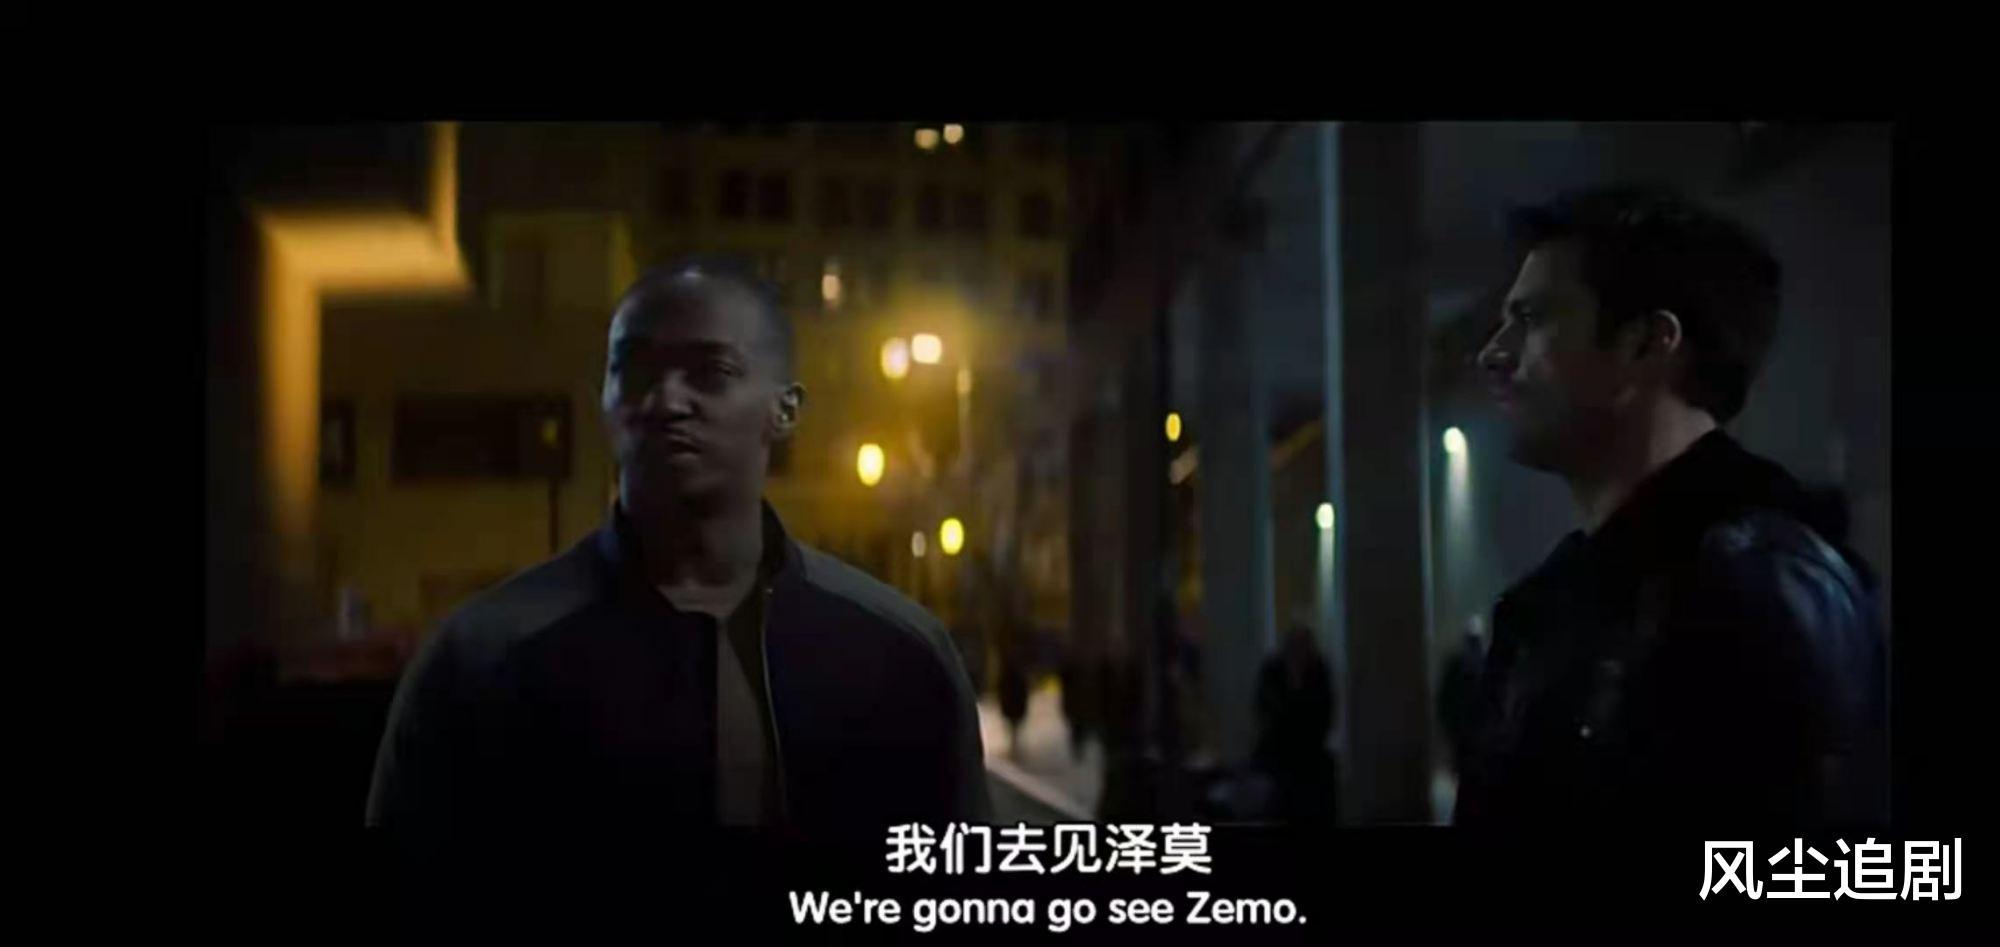 猎鹰与冬兵第二集,二代美队登场,未来竟然可能黑化?